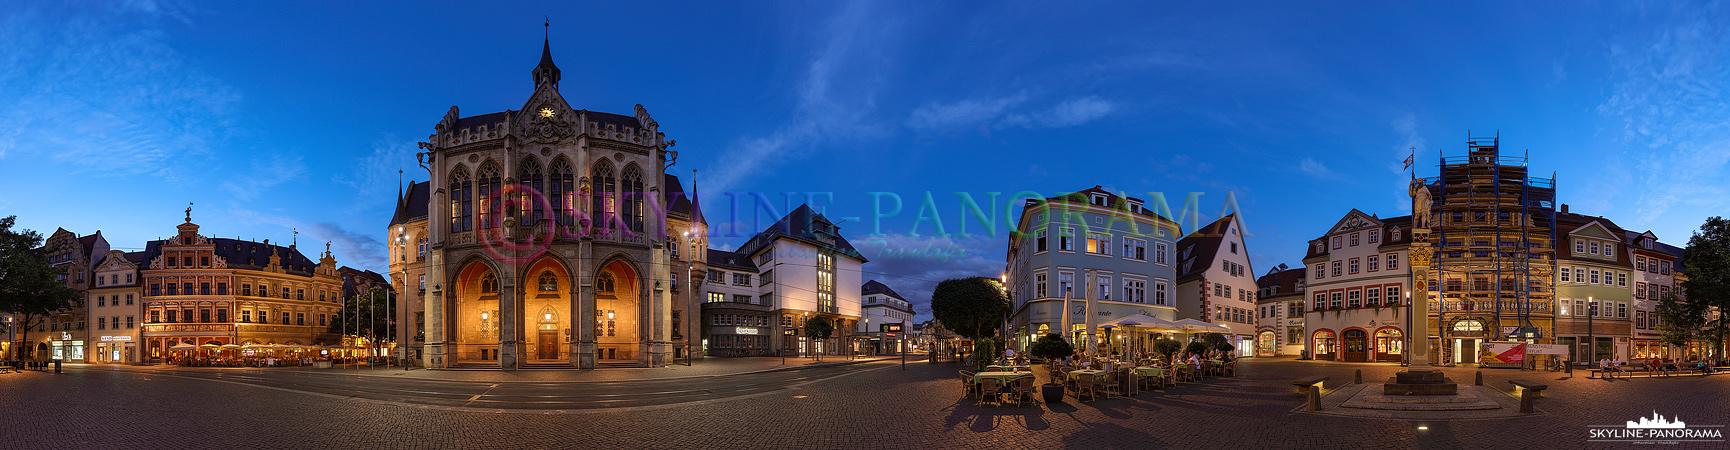 Rathaus Erfurt - Panorama Fischmarkt